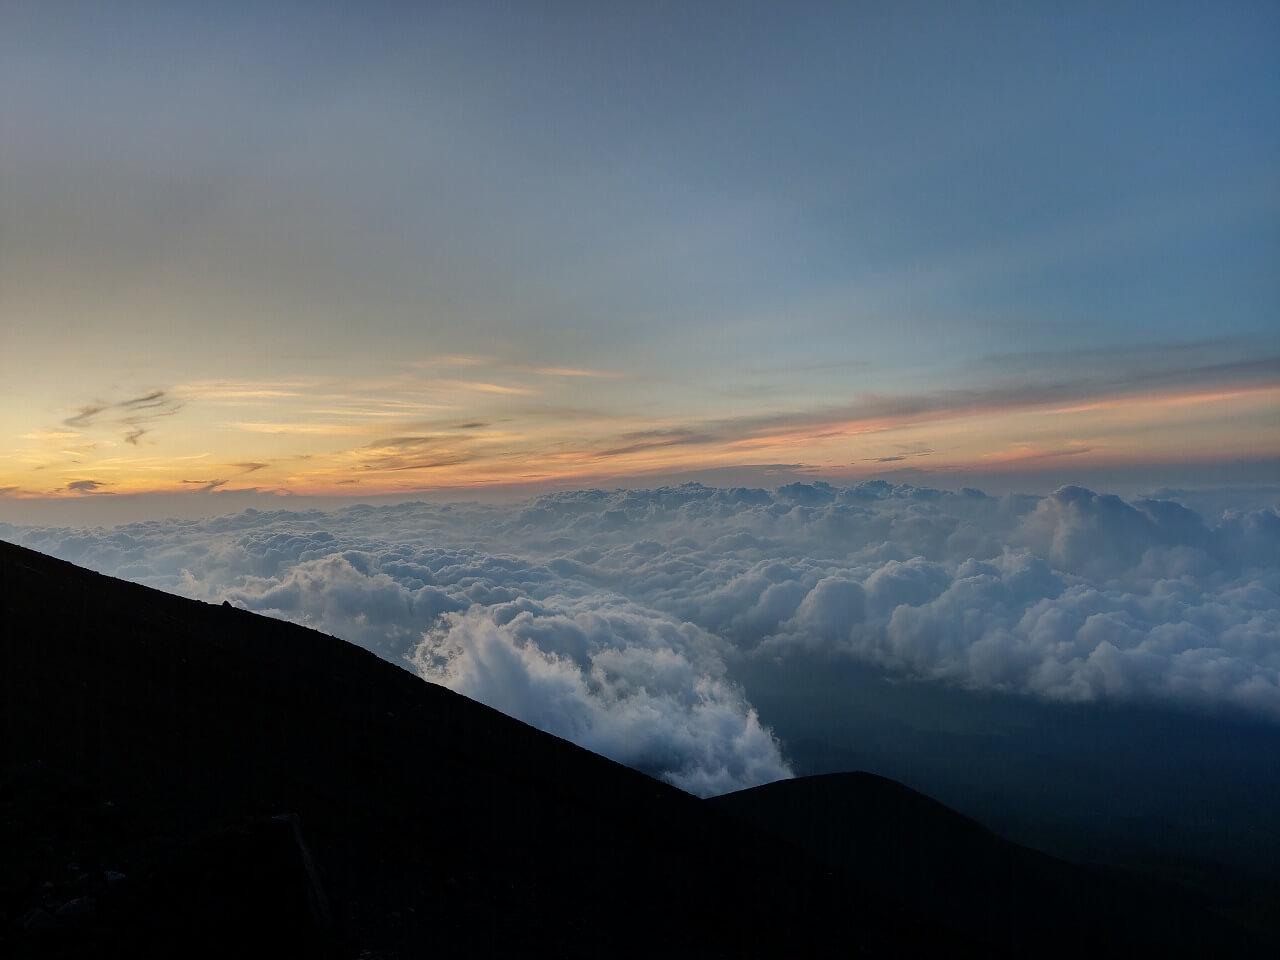 富士登山道富士宮ルート八合目 雲海